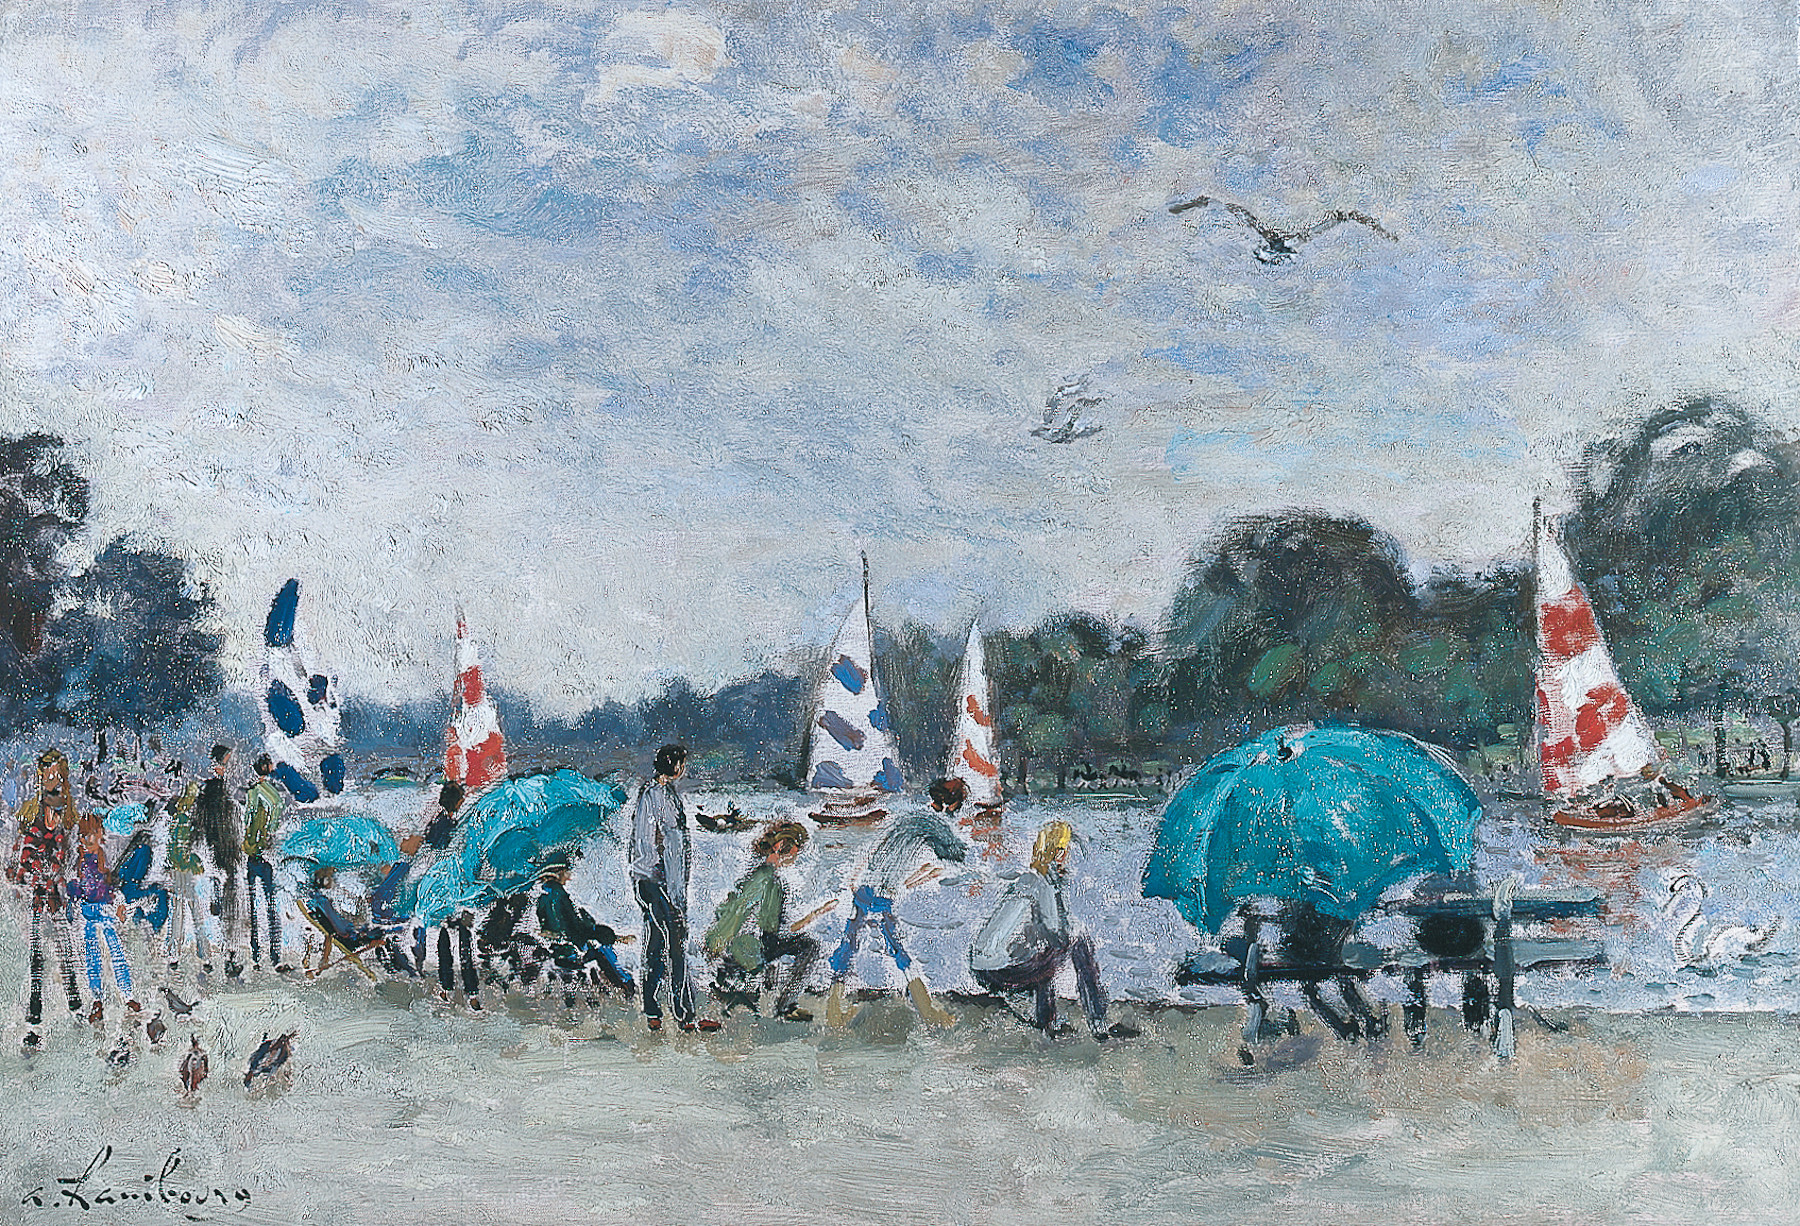 «Le dimanche pluie menaçantes pour les pêcheurs» 1970, 150x73cm, LO17